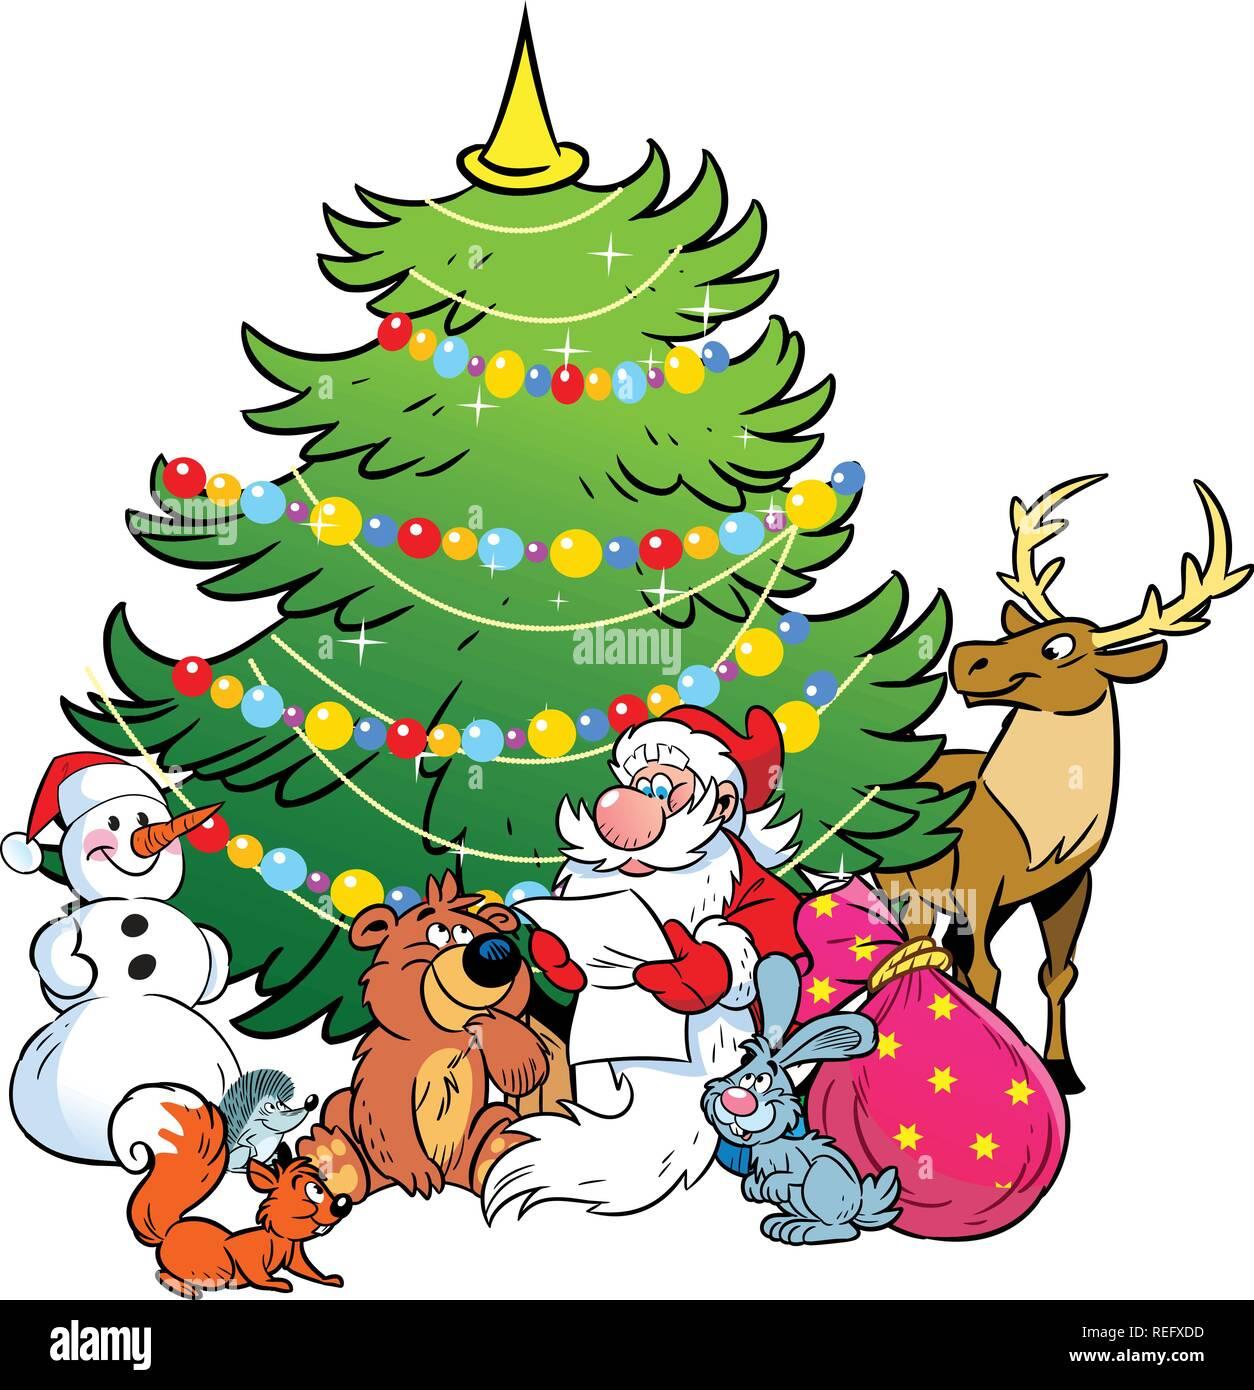 L'illustration montre le bonhomme de neige et le Père Noël, qui lit la liste de cadeaux des fêtes pour les animaux sur l'arrière-plan d'arbre de Noël. Illustration de Vecteur